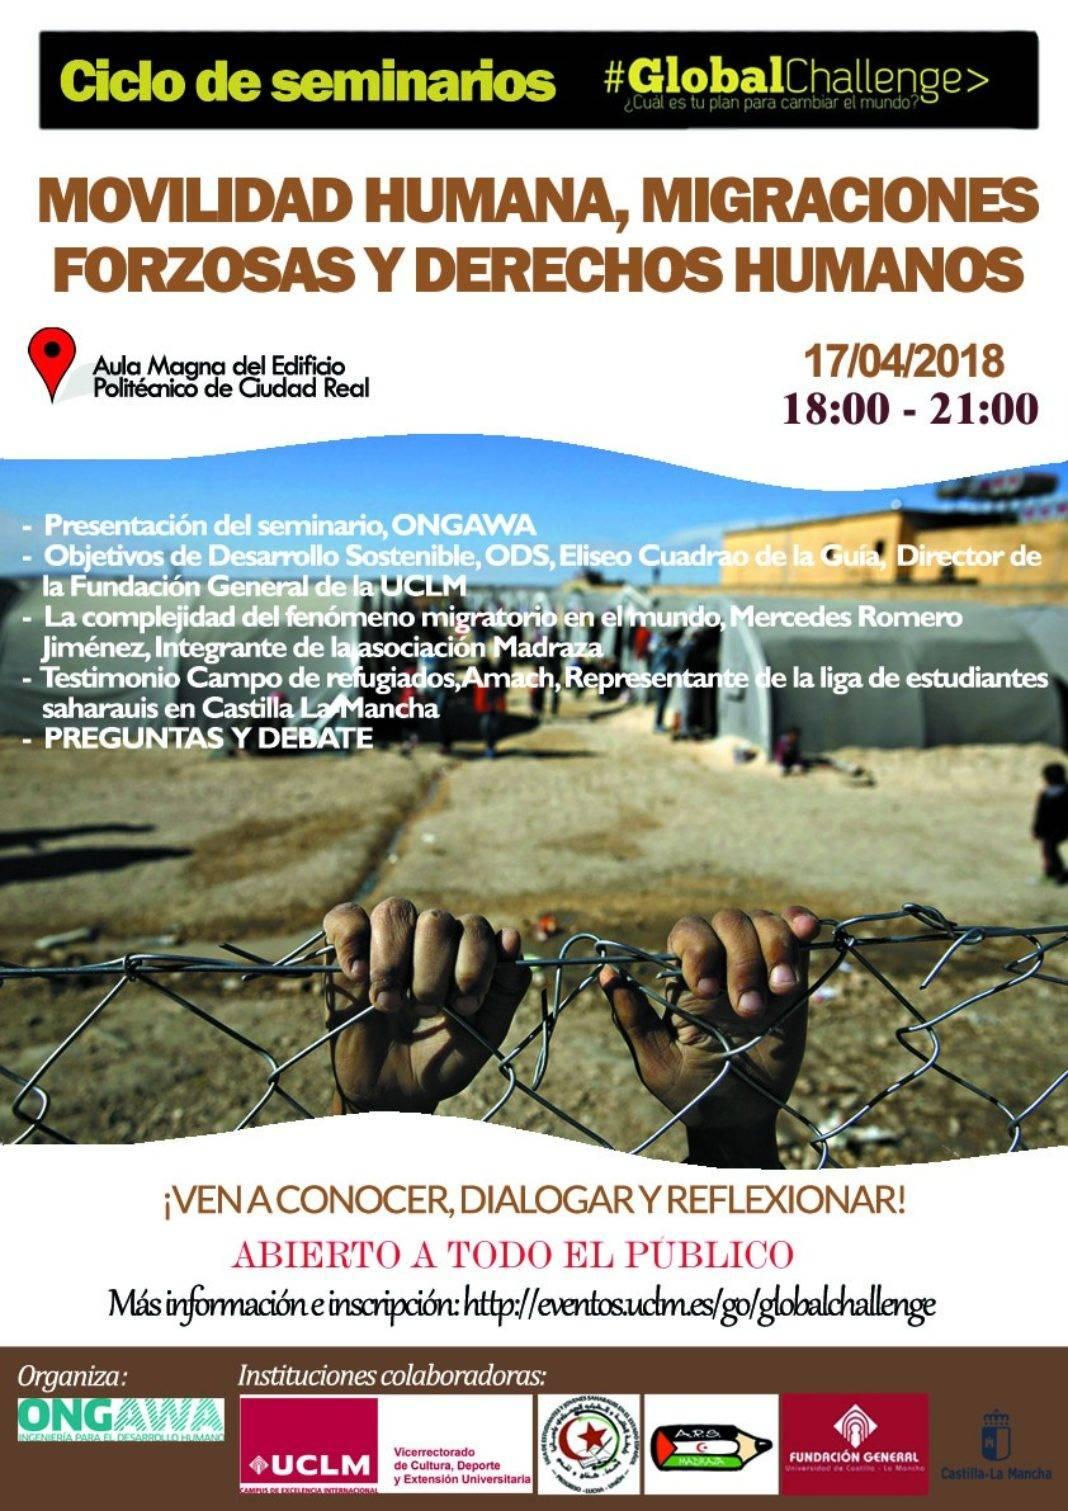 Mercedes Romero en el ciclo de conferencias Global Challenge 1068x1511 - Mercedes Romero habla en la universidad sobre la complejidad migratoria en el mundo